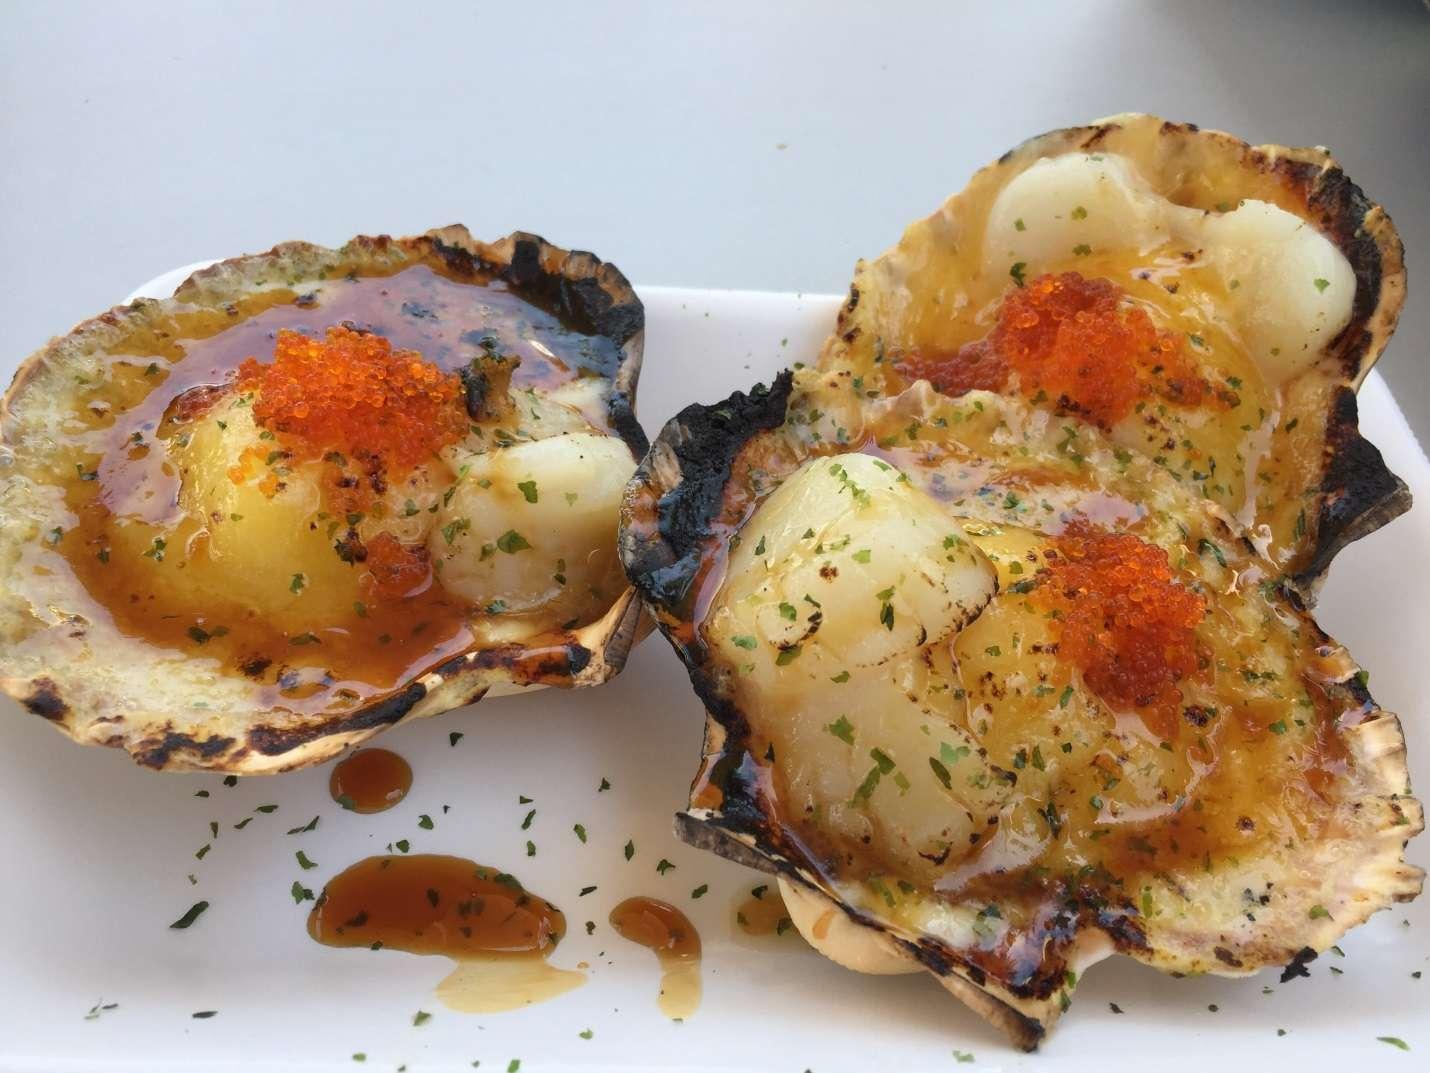 Hàu nướng là món ăn không thể bỏ qua khi đến chợ hải sản